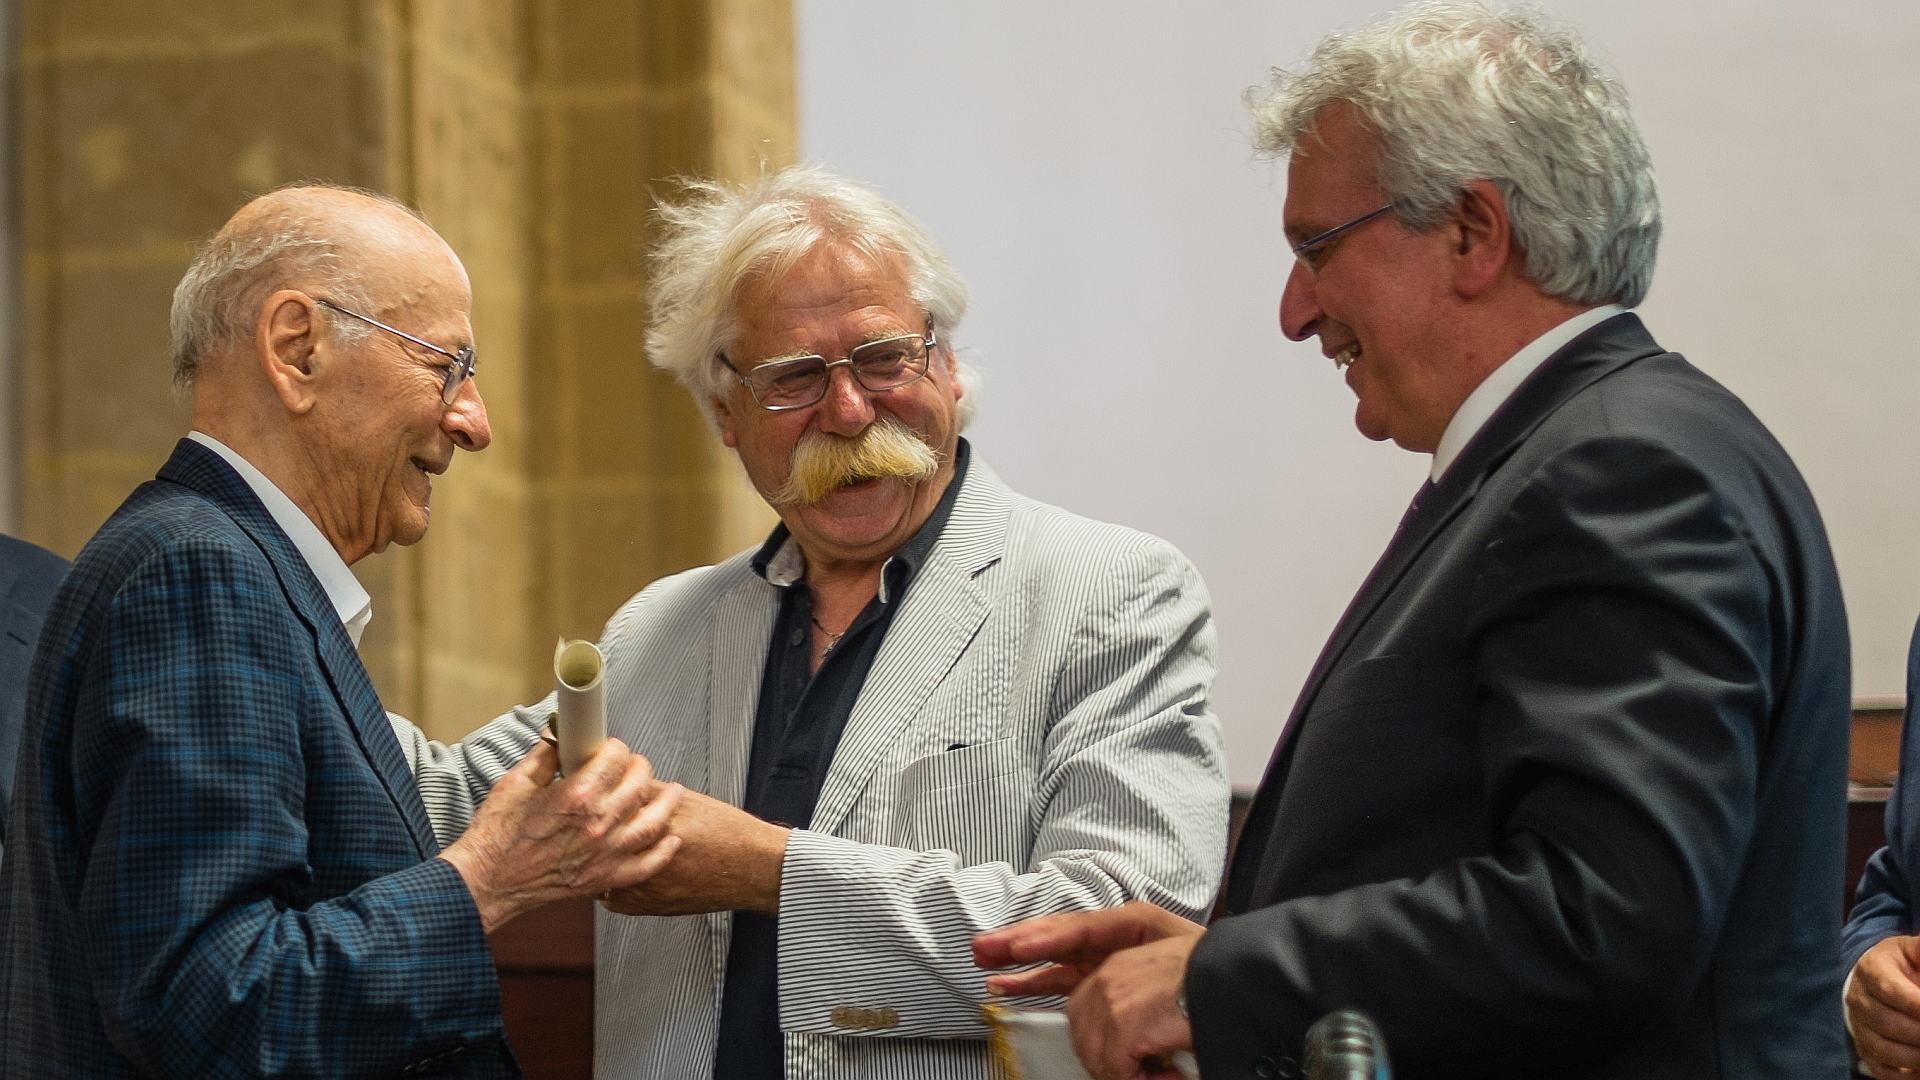 Benedetto Bianco con Nicola Cristaldi e Baldo Gucciardi